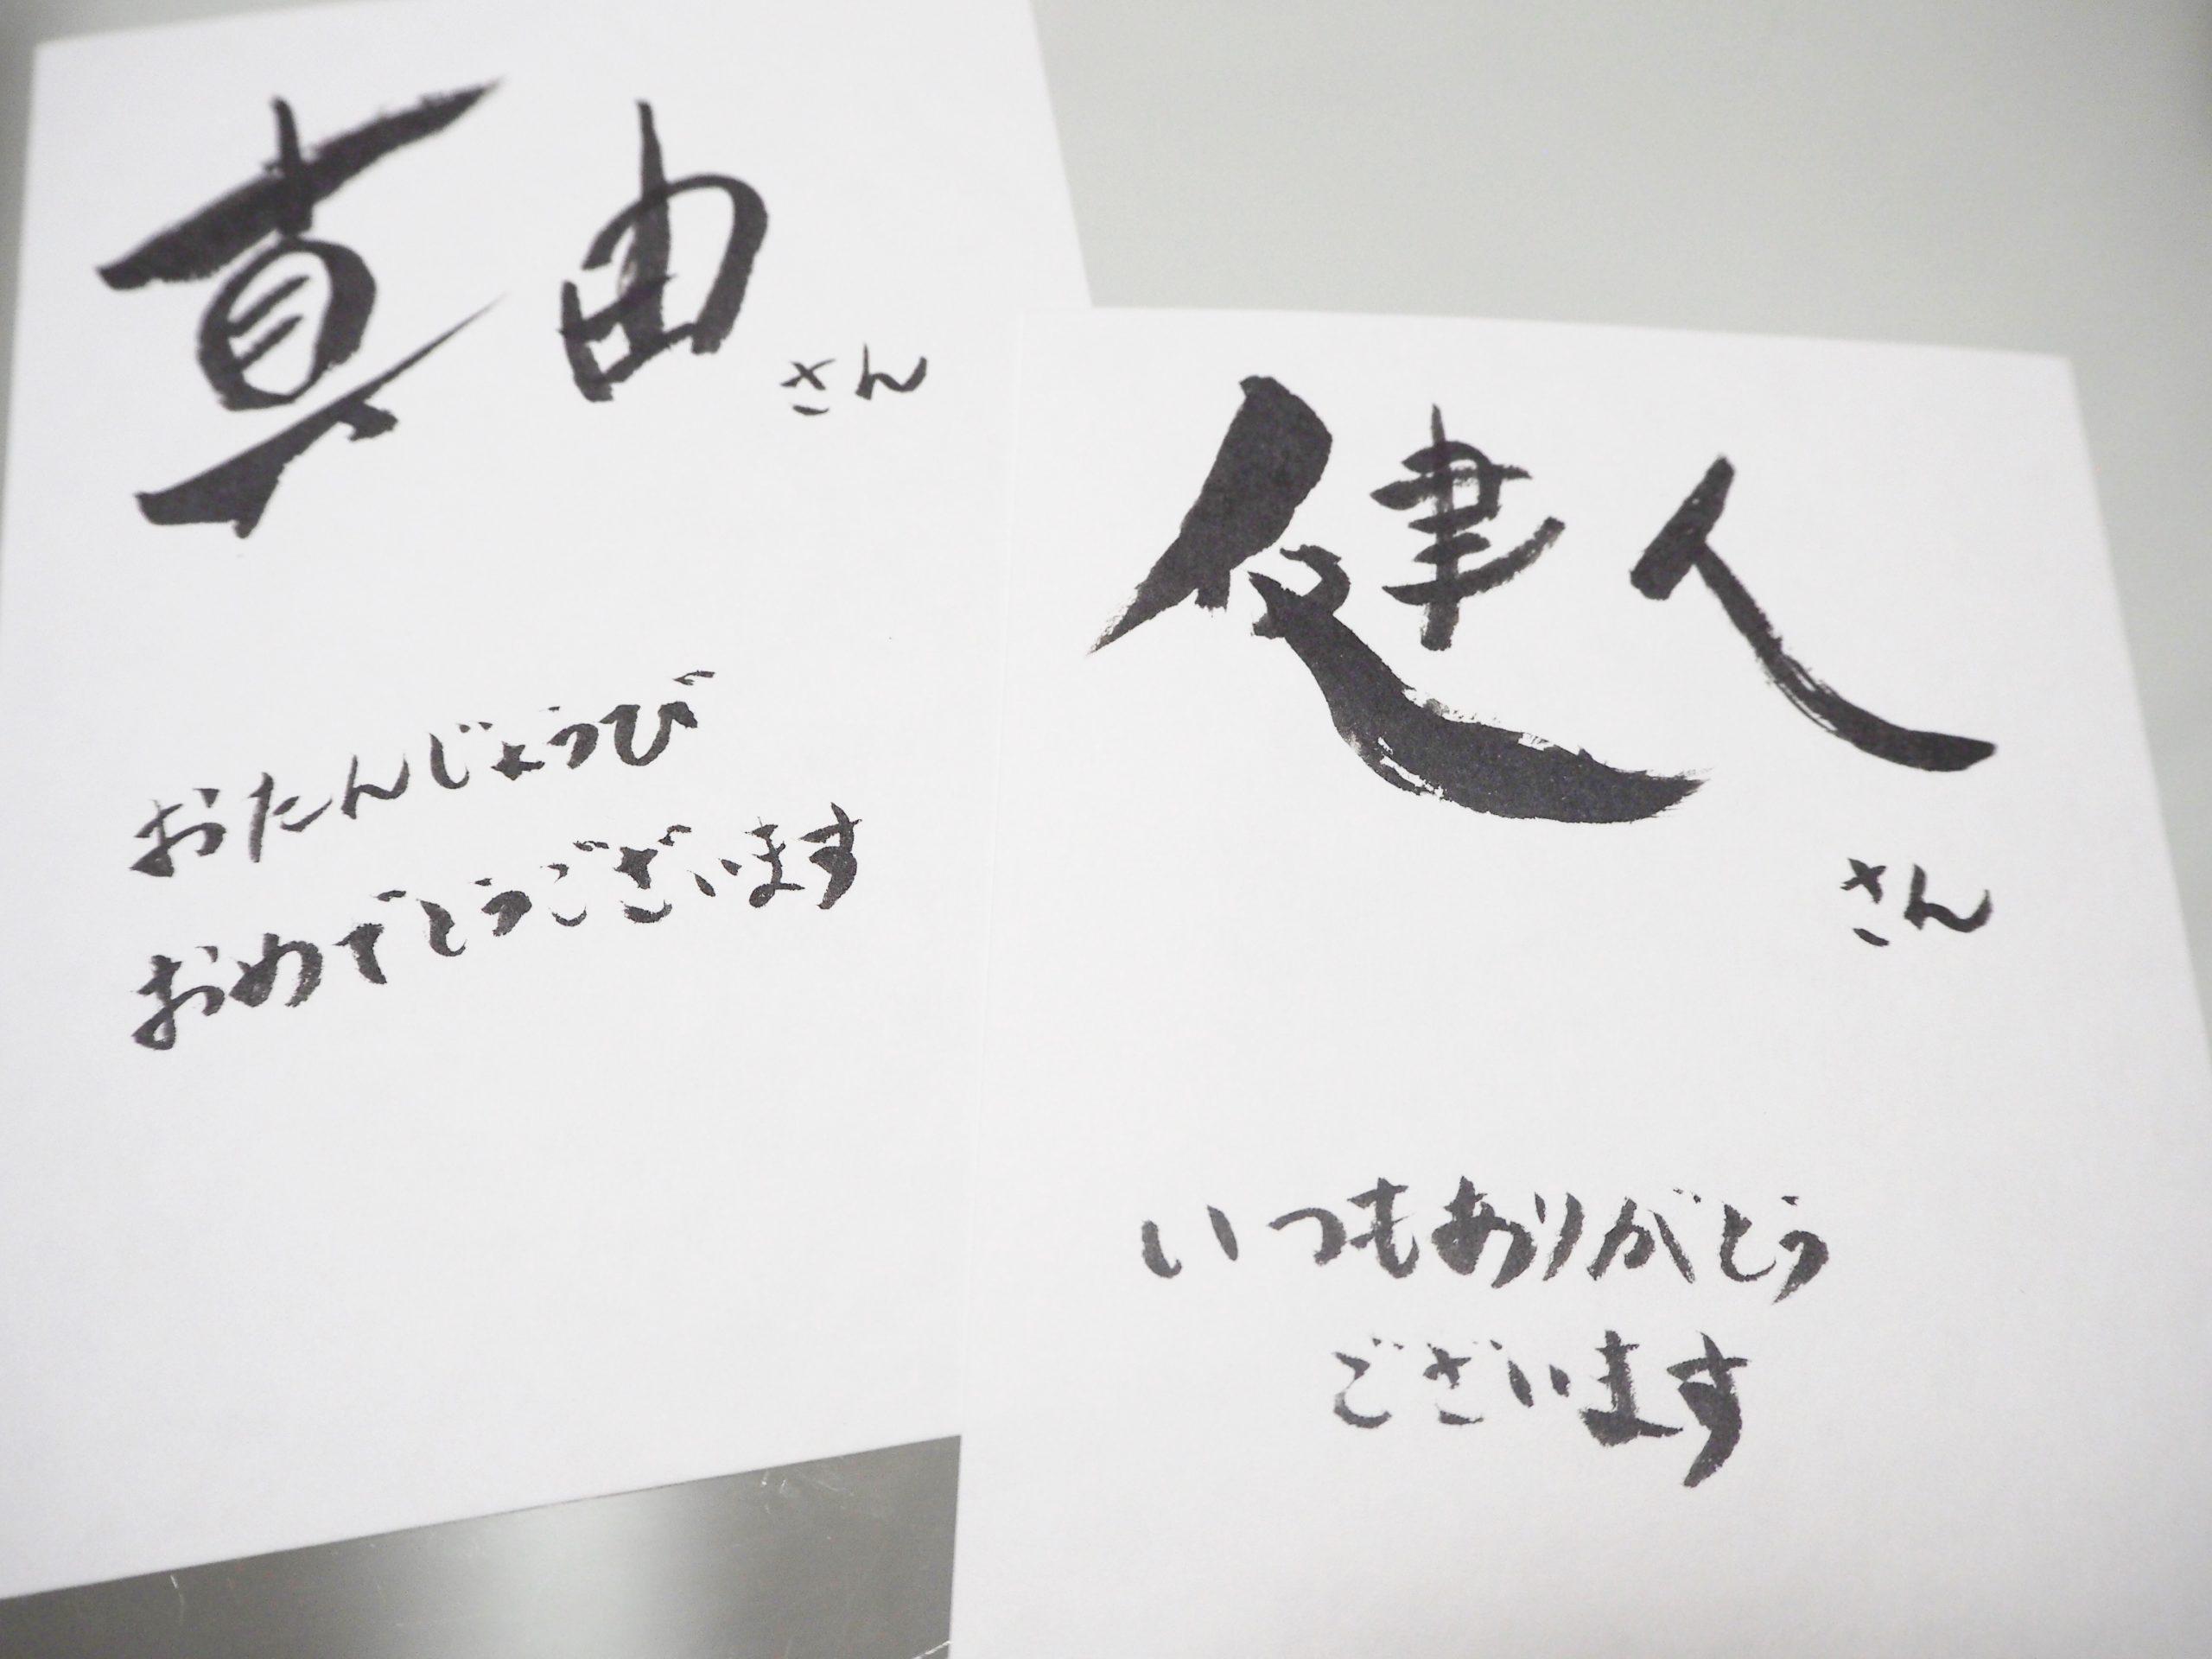 miroom筆文字アート2